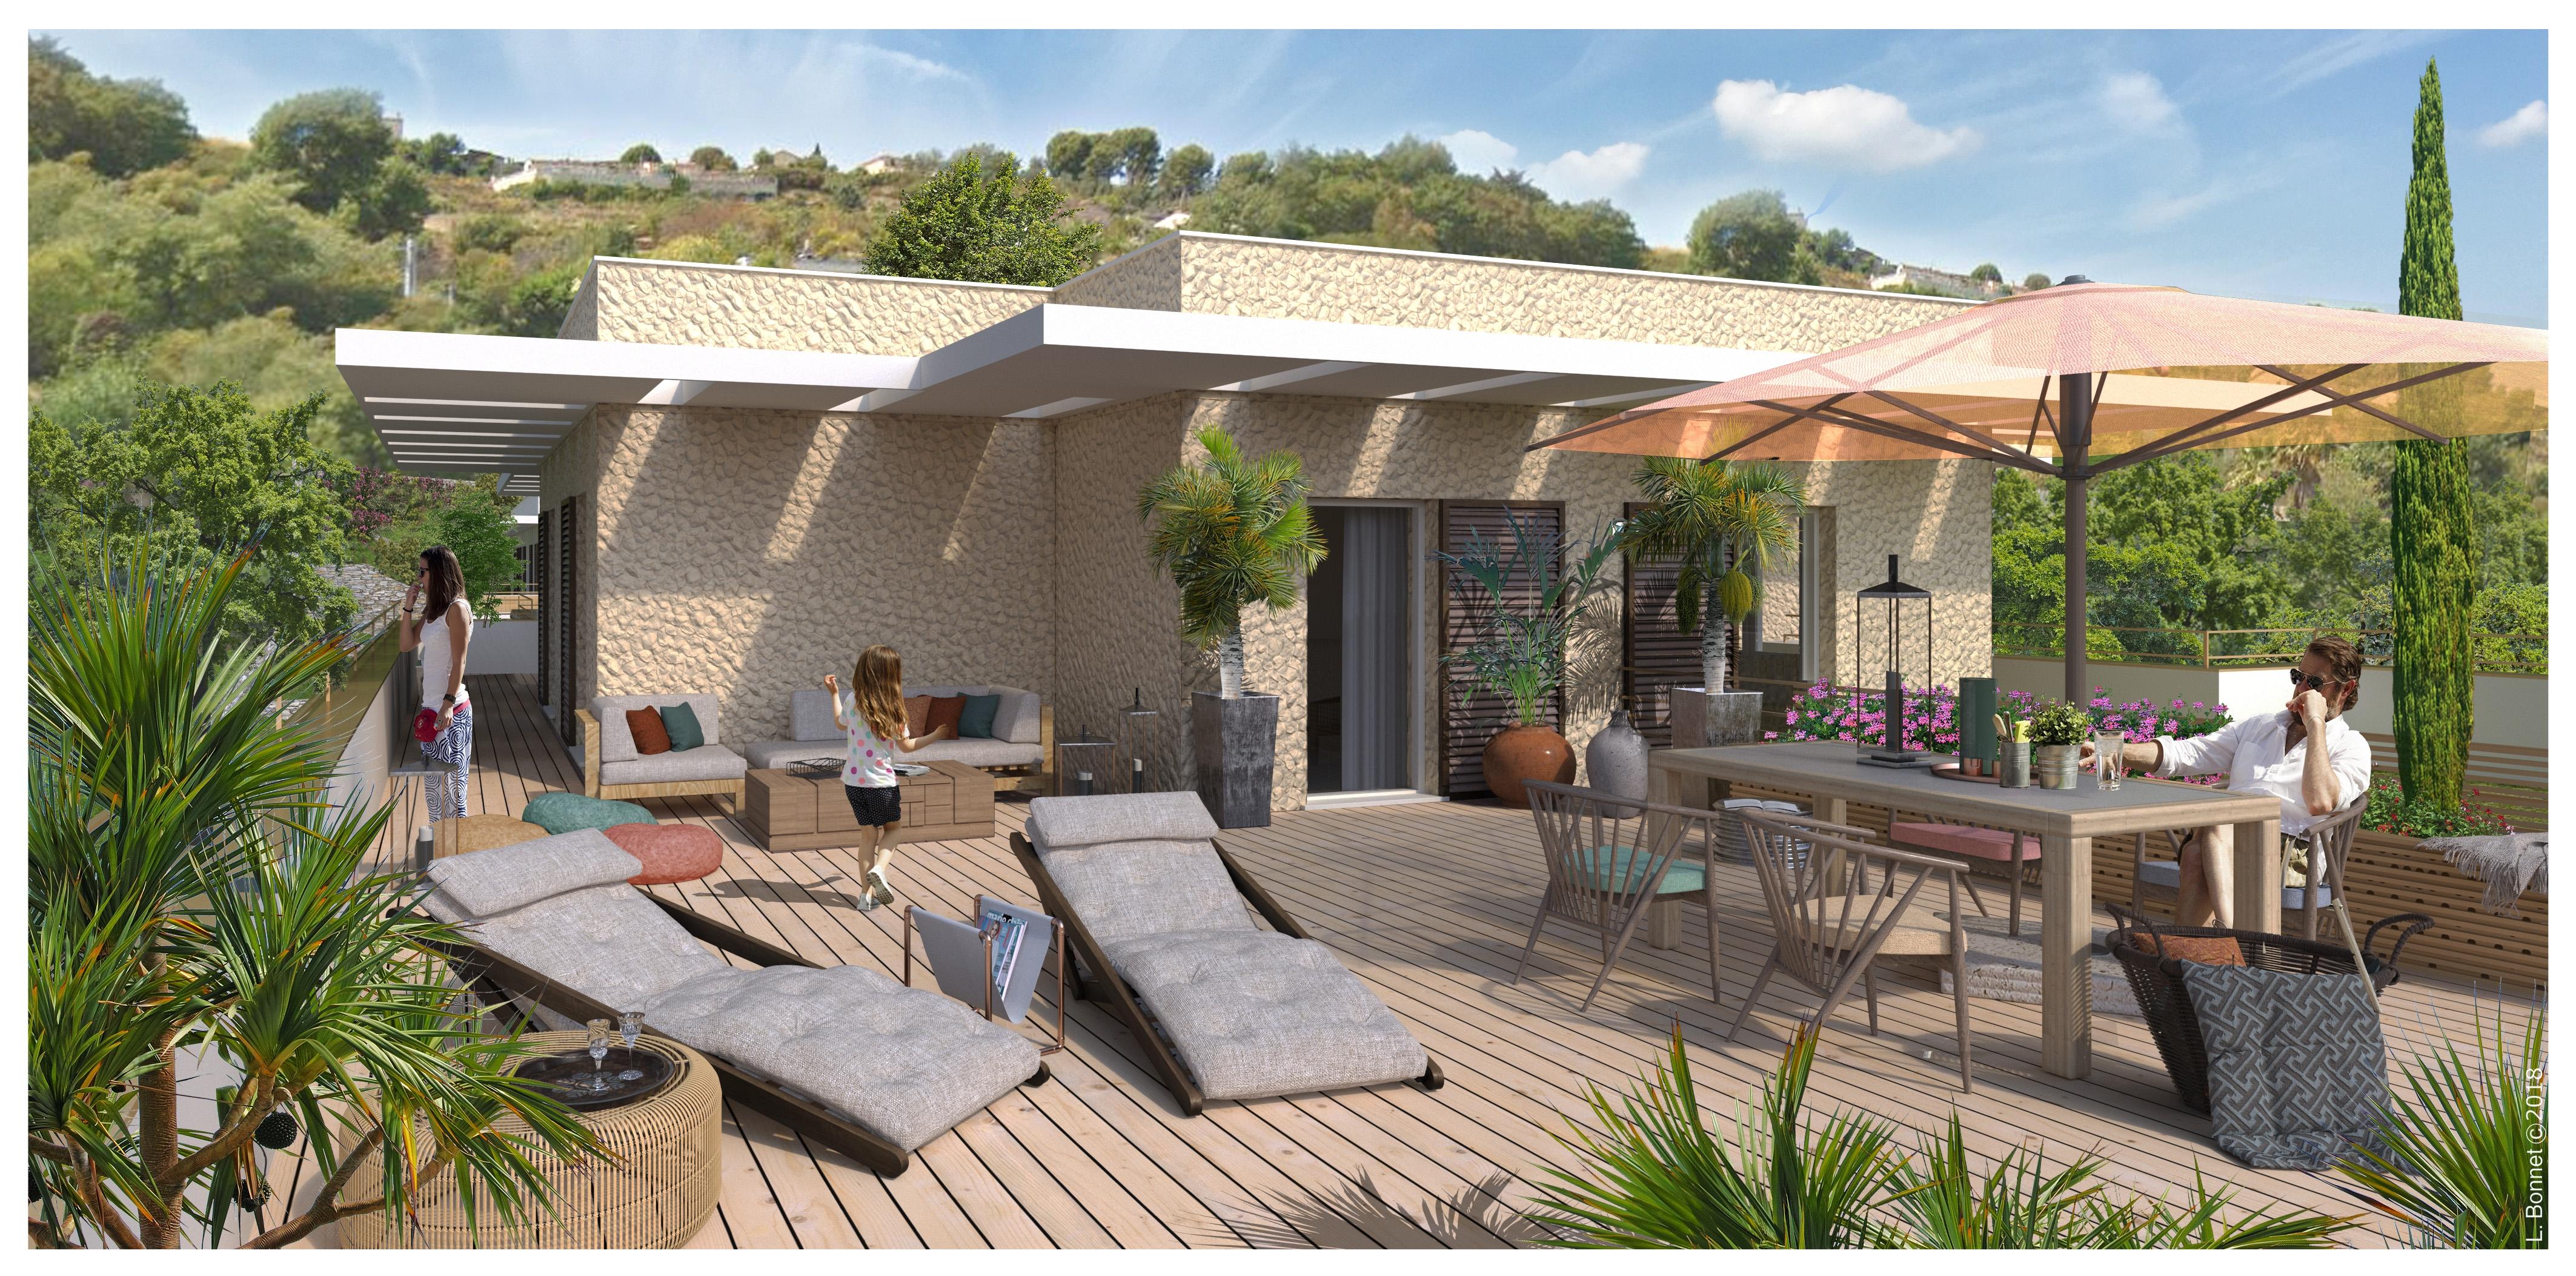 Résidence à Cagnes-sur-Mer Environnement de qualité, Architecture contemporaine, A proximité de toutes commodités,